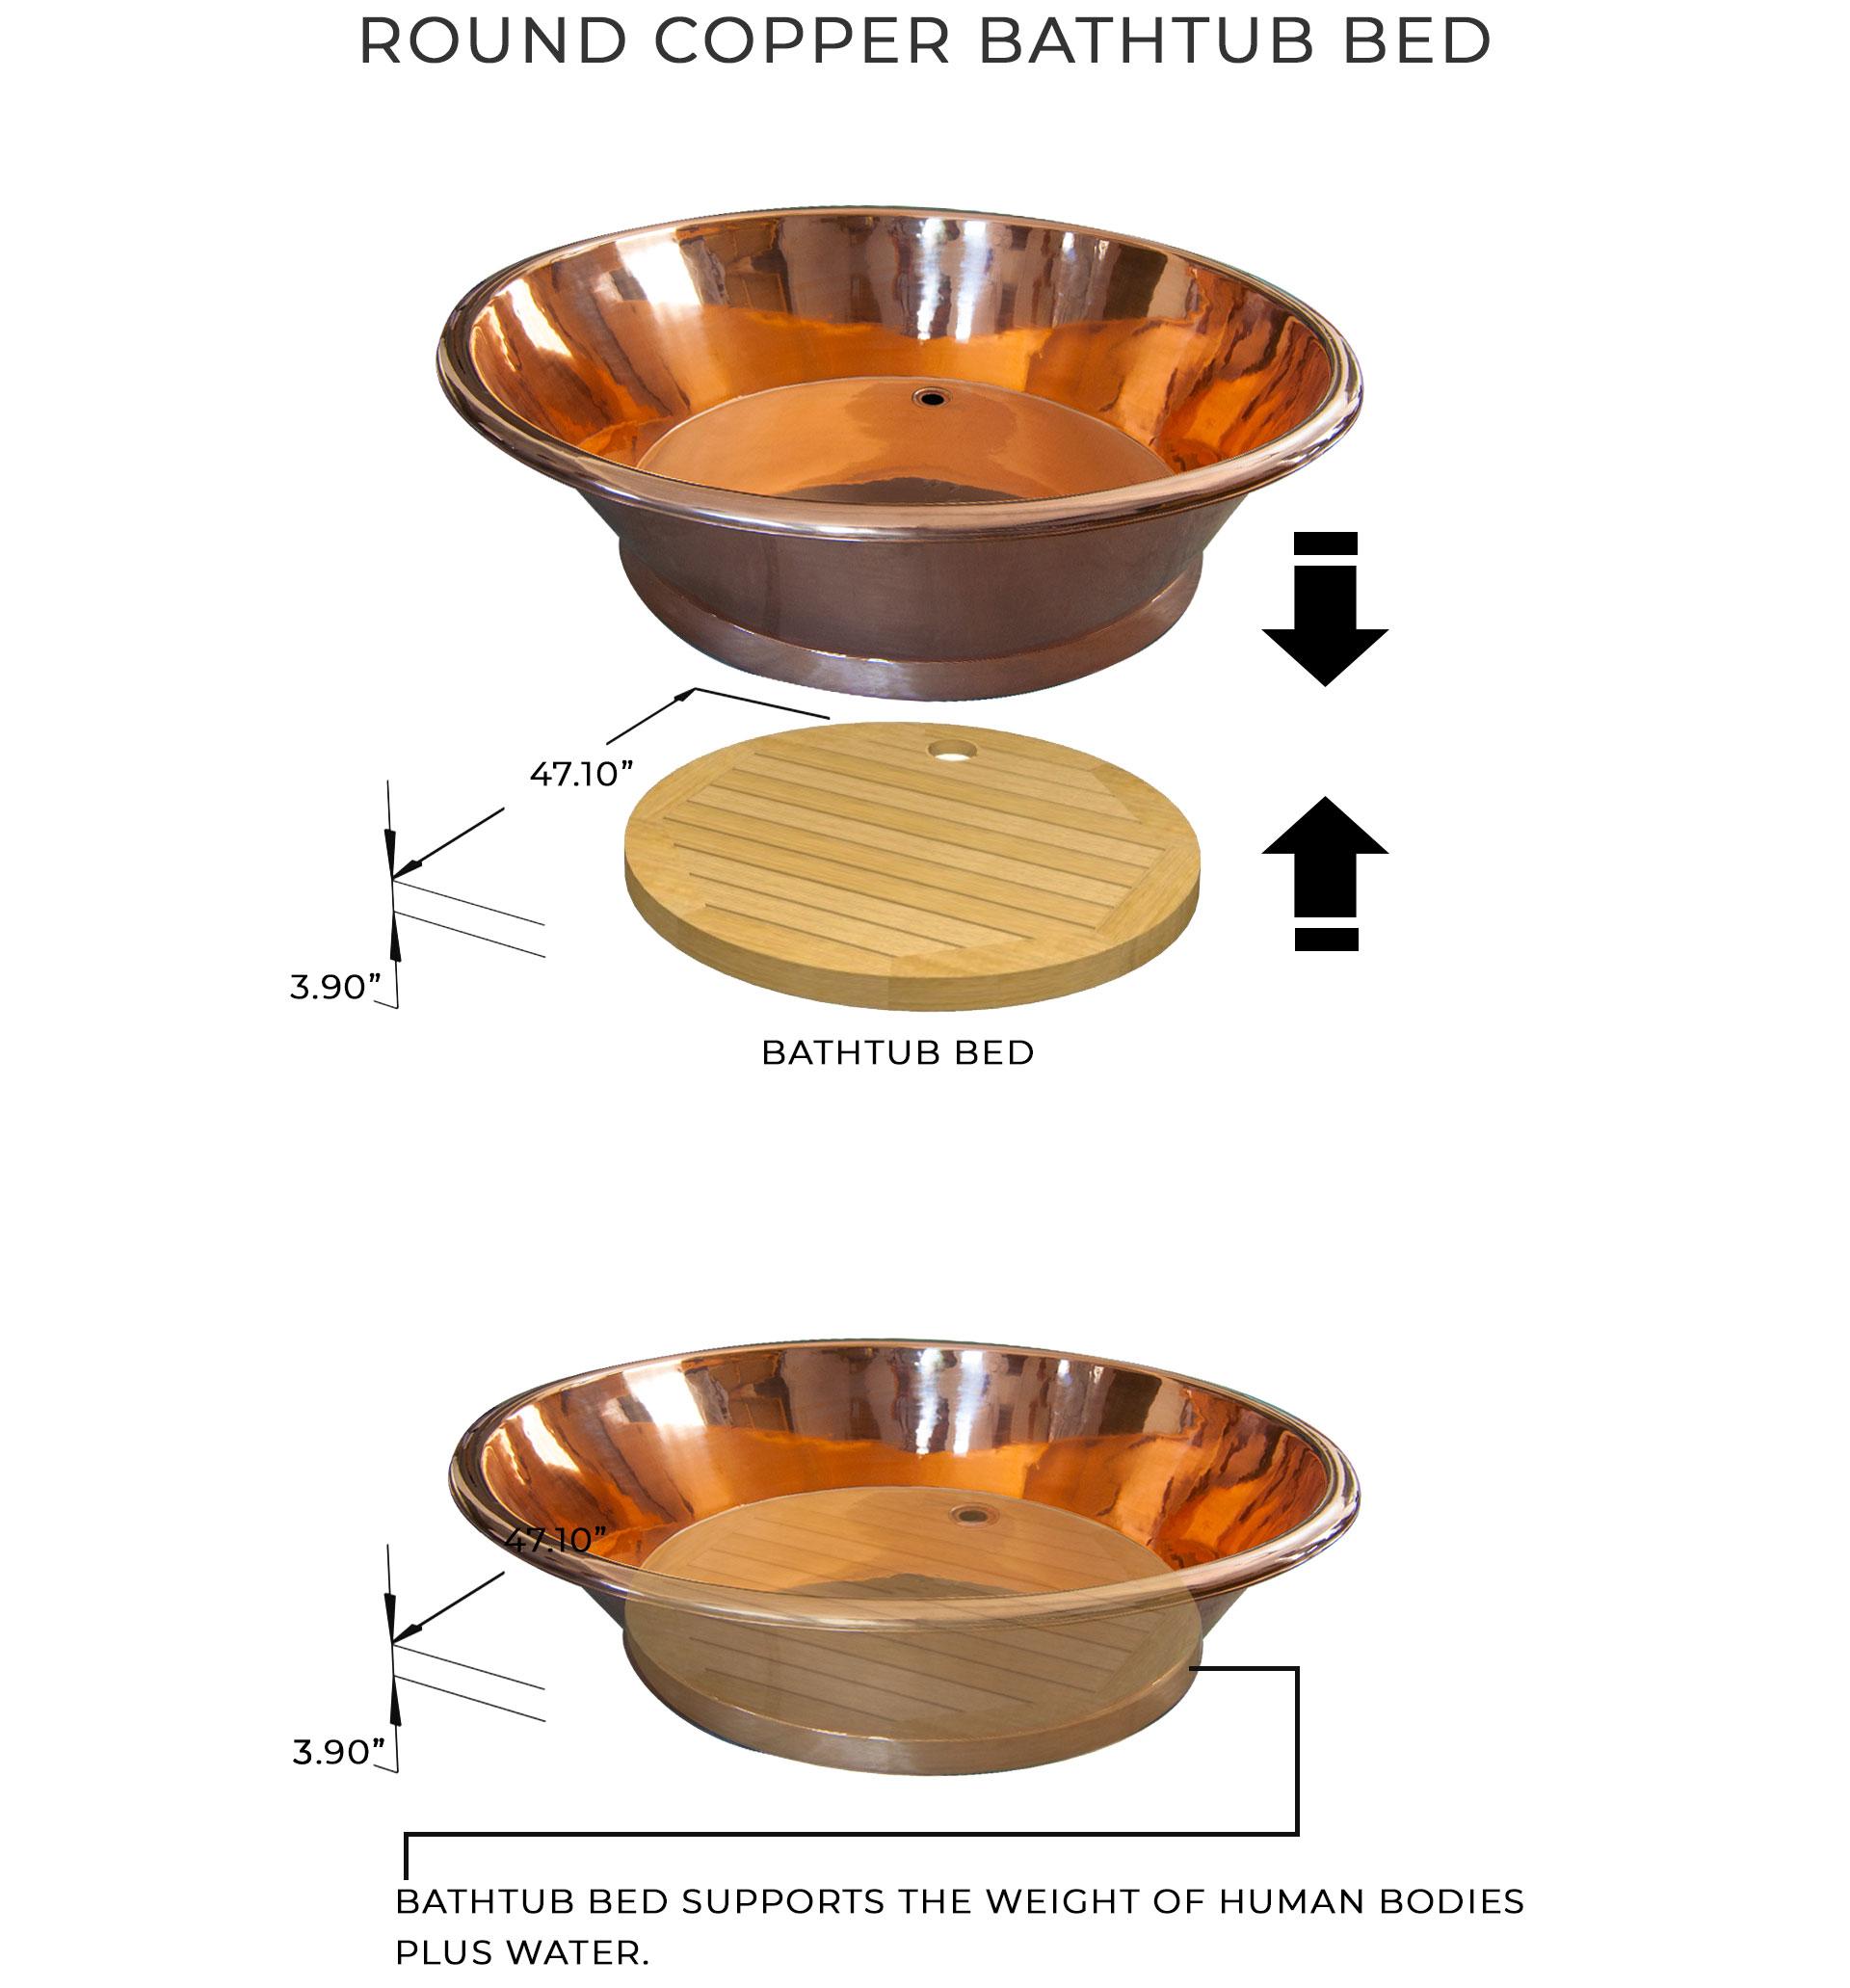 Round Copper Bathtub Bed